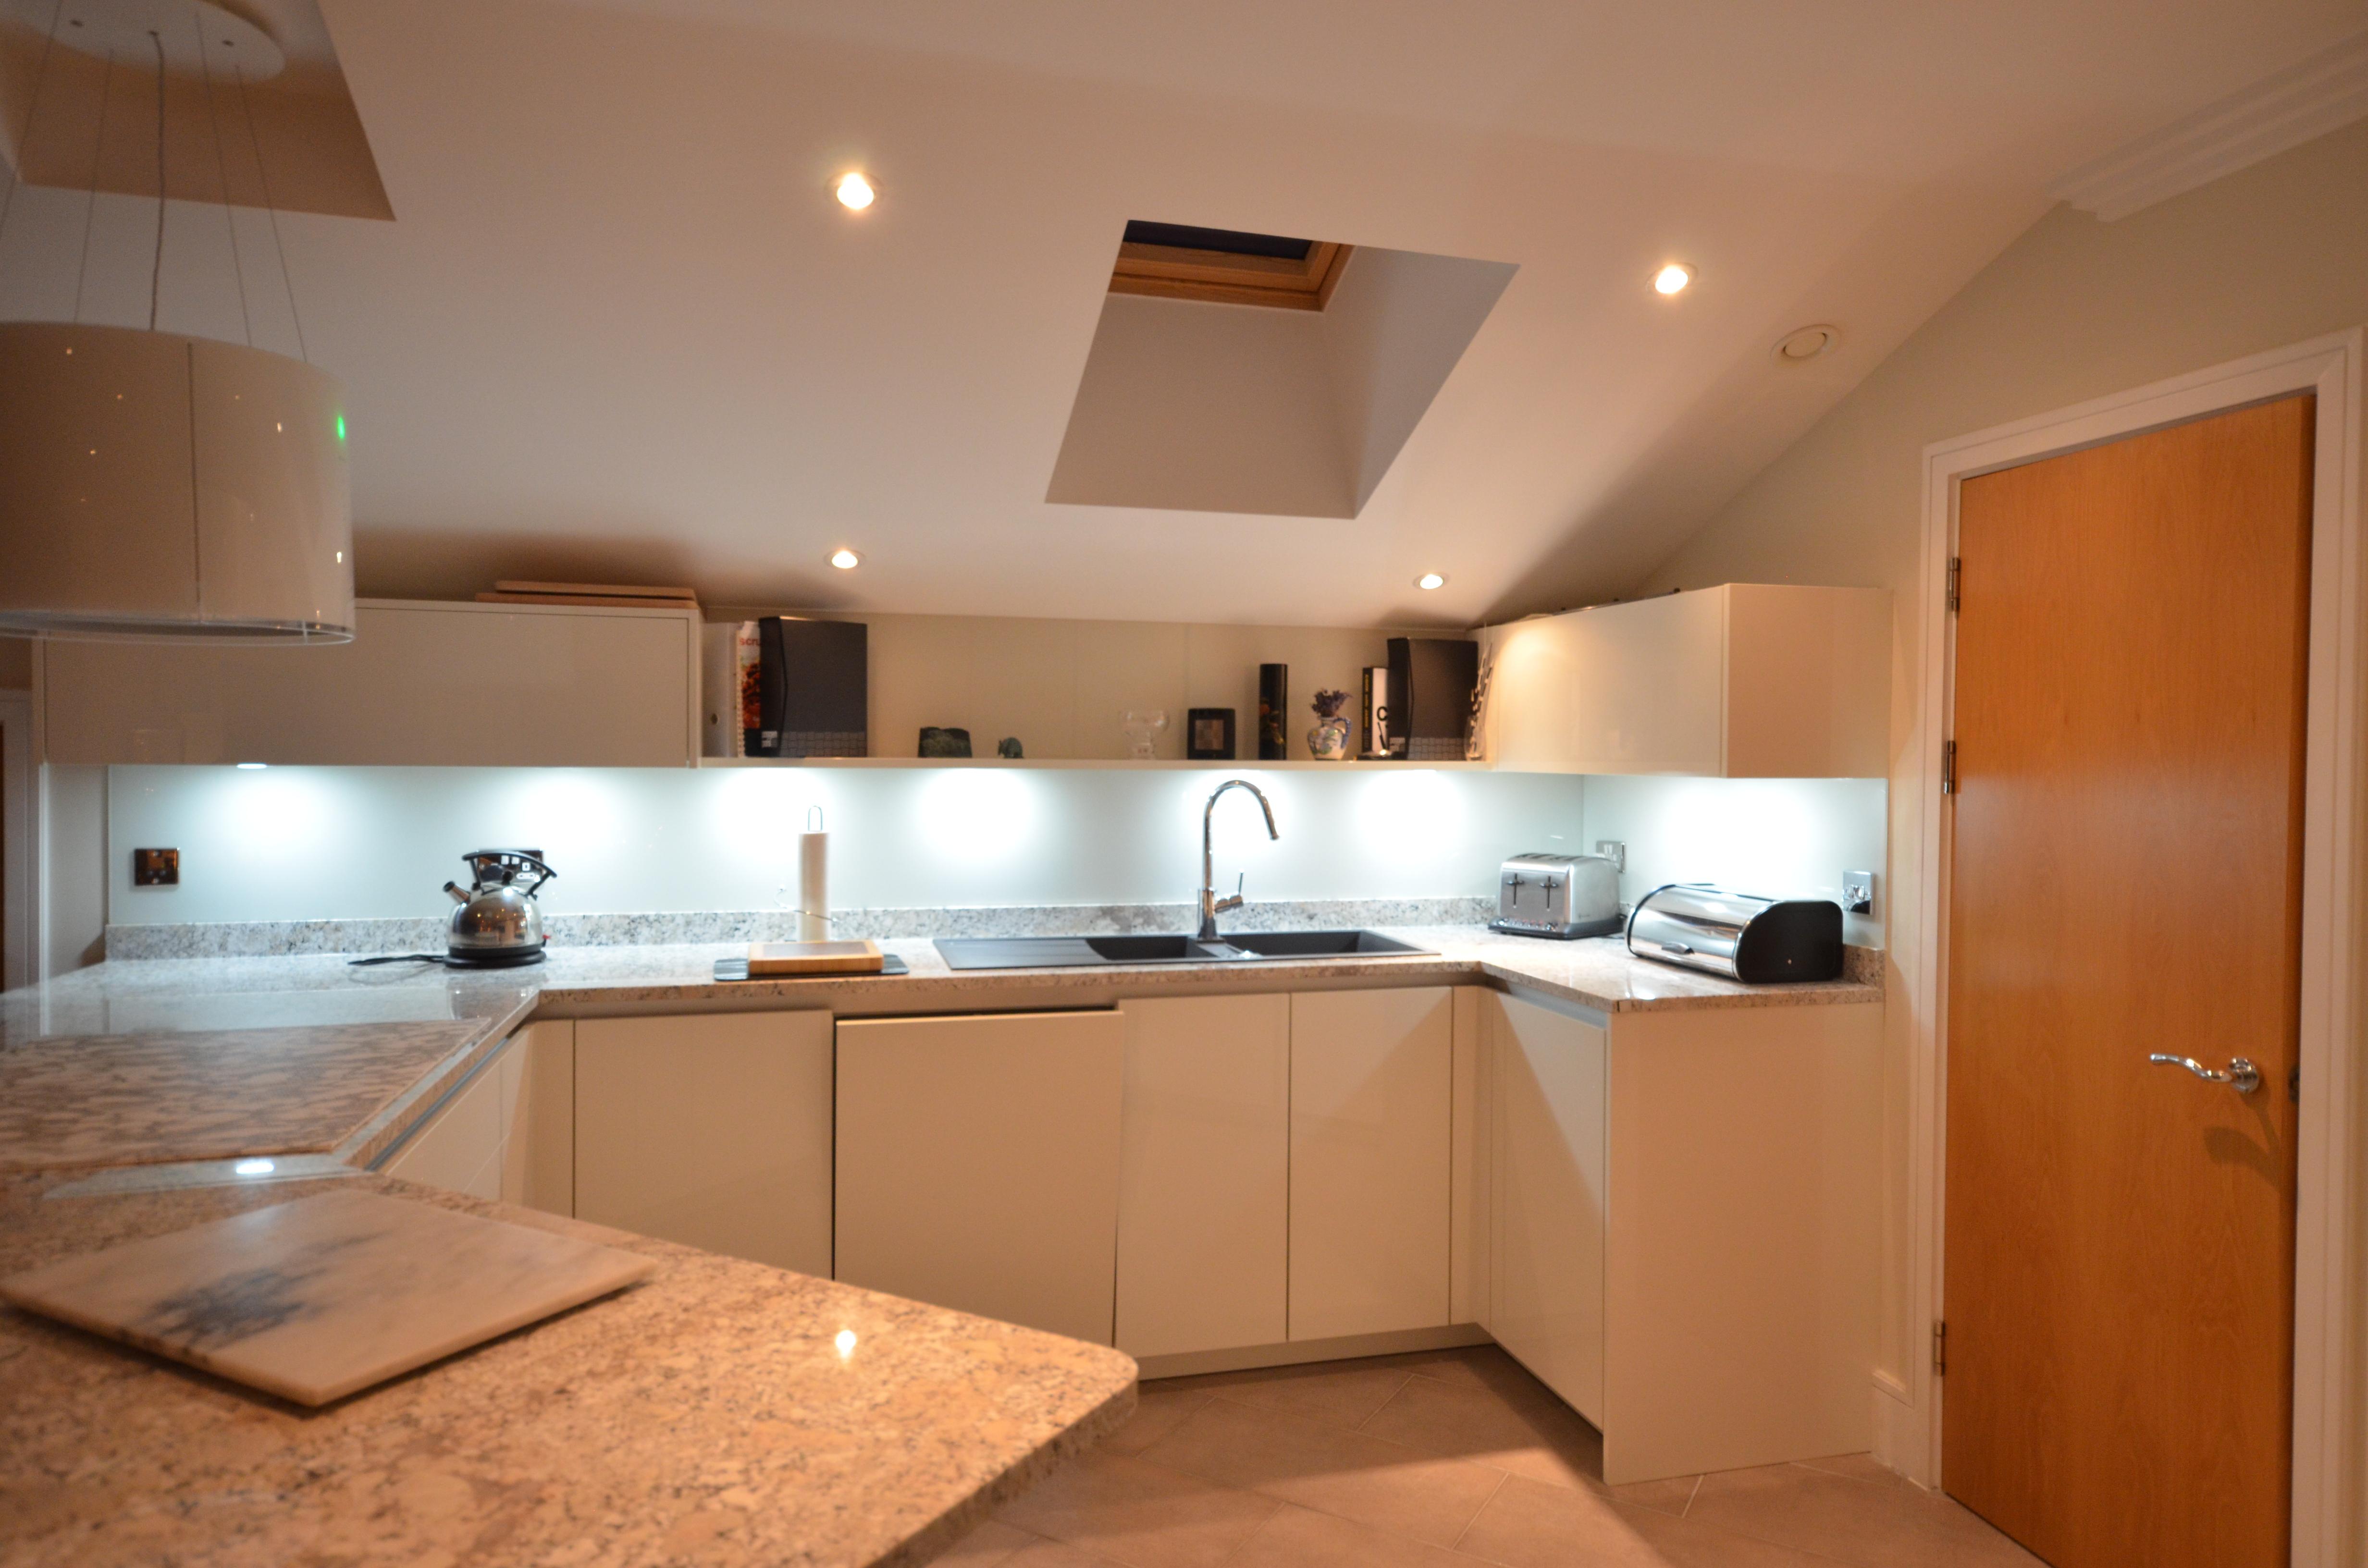 Brentford Sheen Kitchen Design